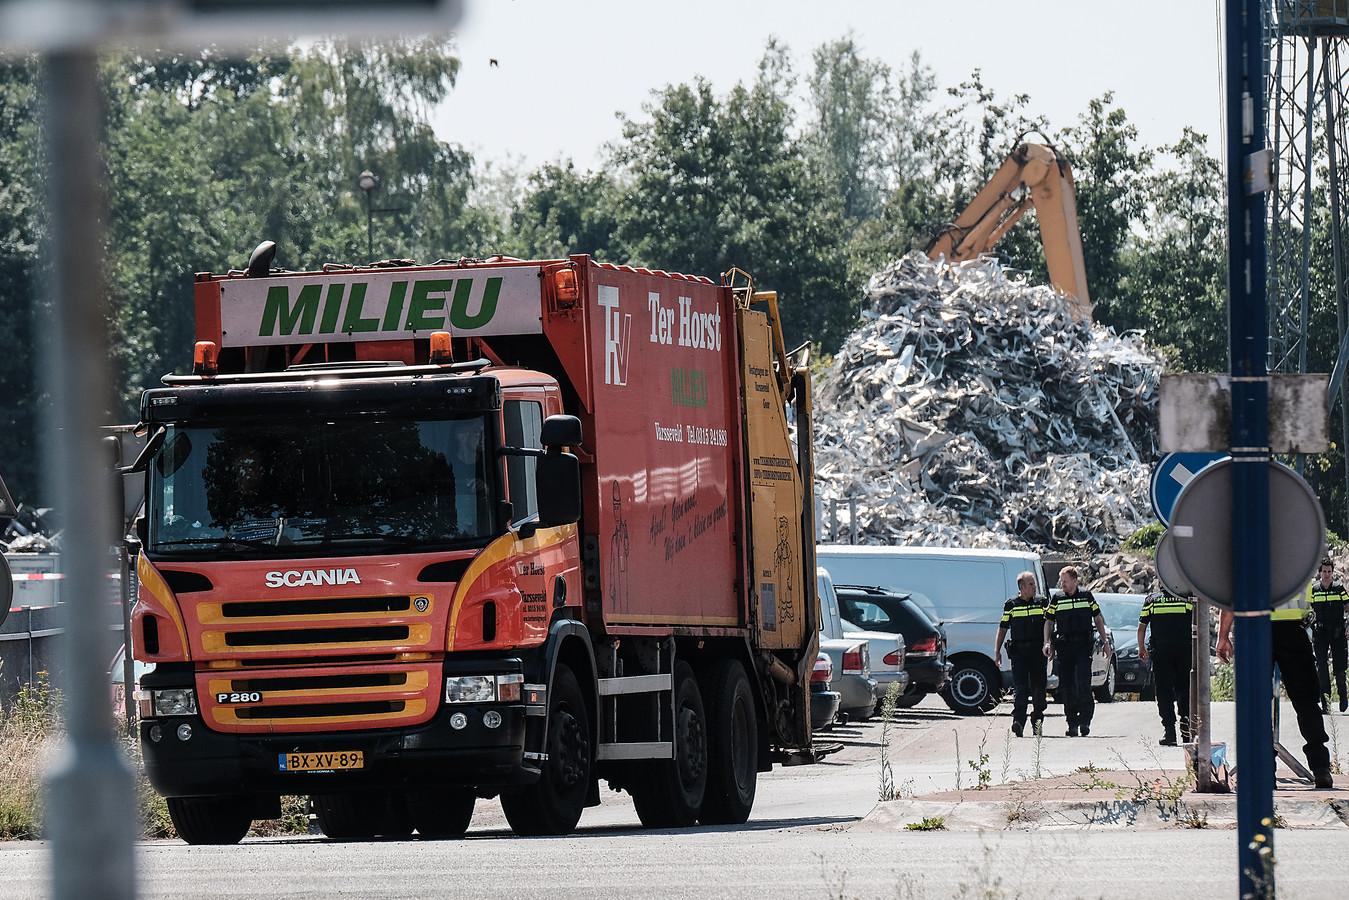 Afvalverwerker Ter Horst mag weer bedrijfsafval innemen en opslaan.